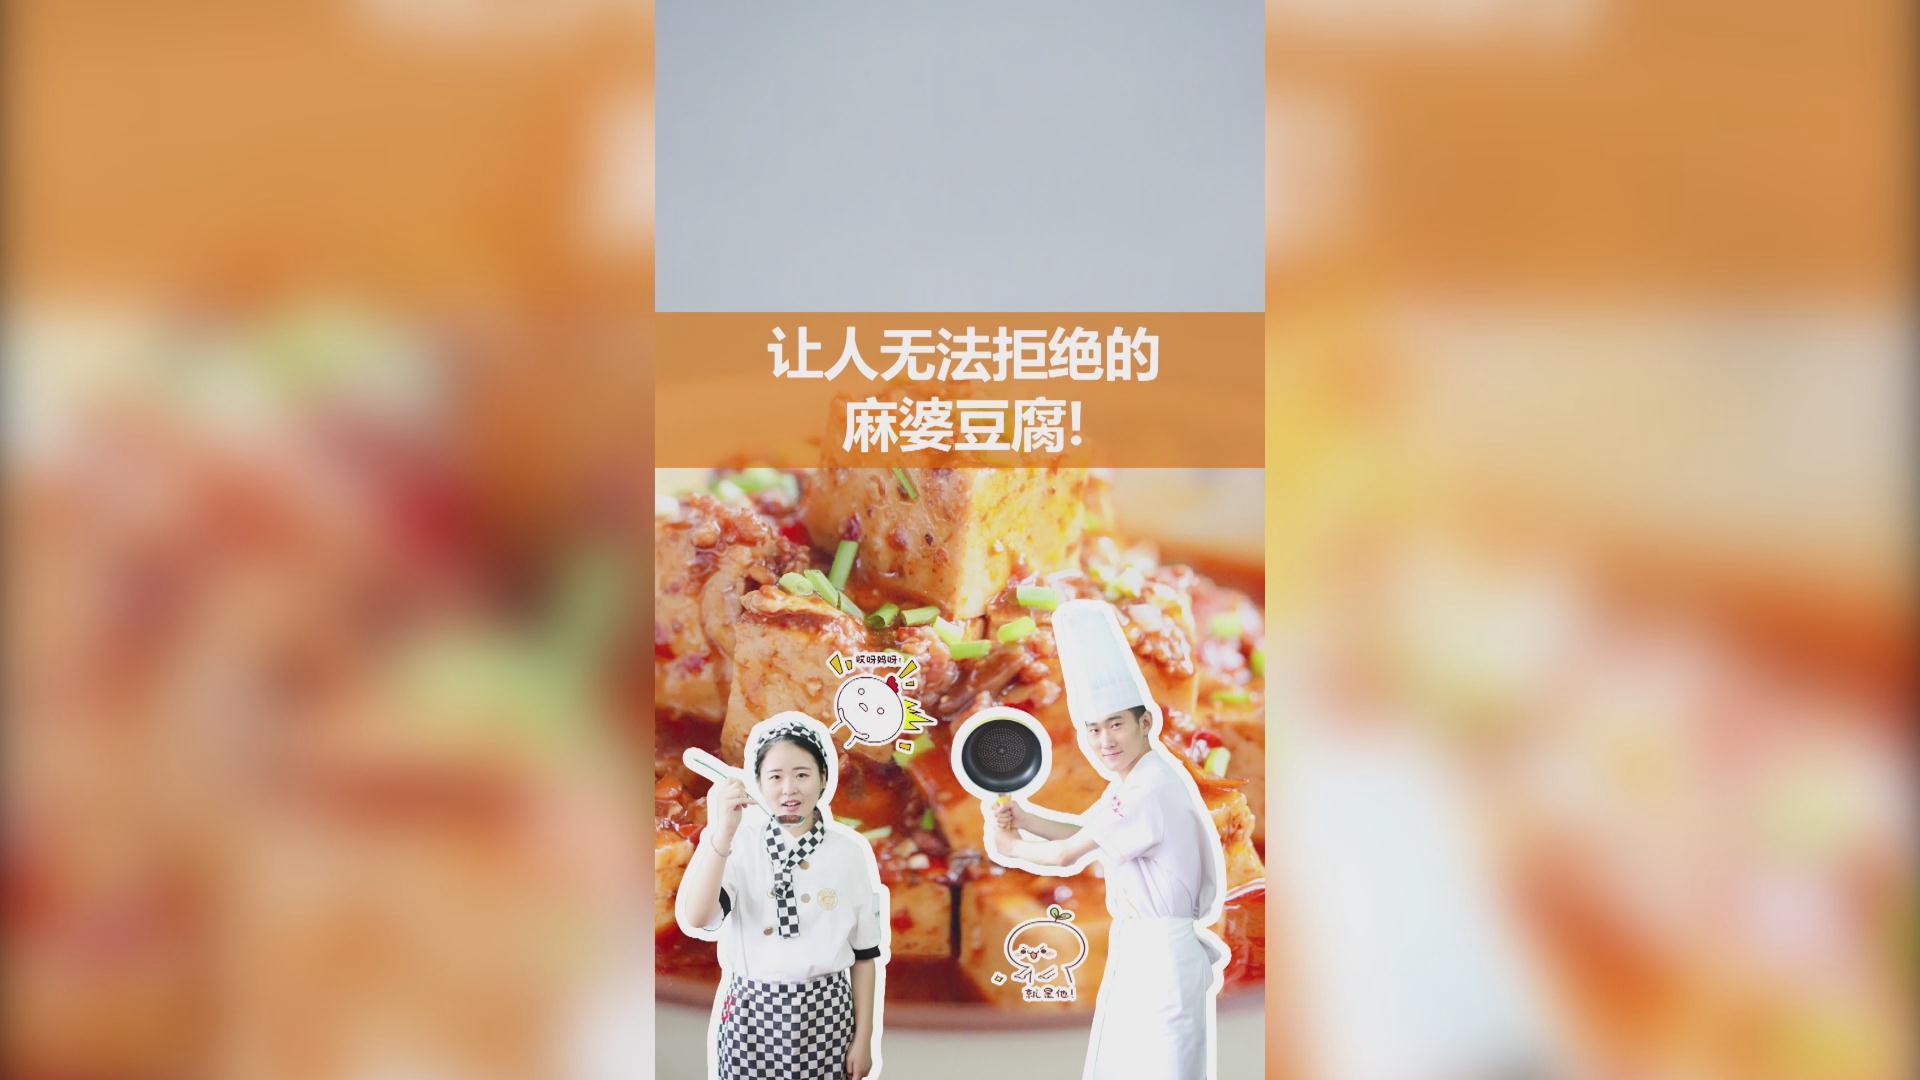 安徽新东方之麻婆豆腐